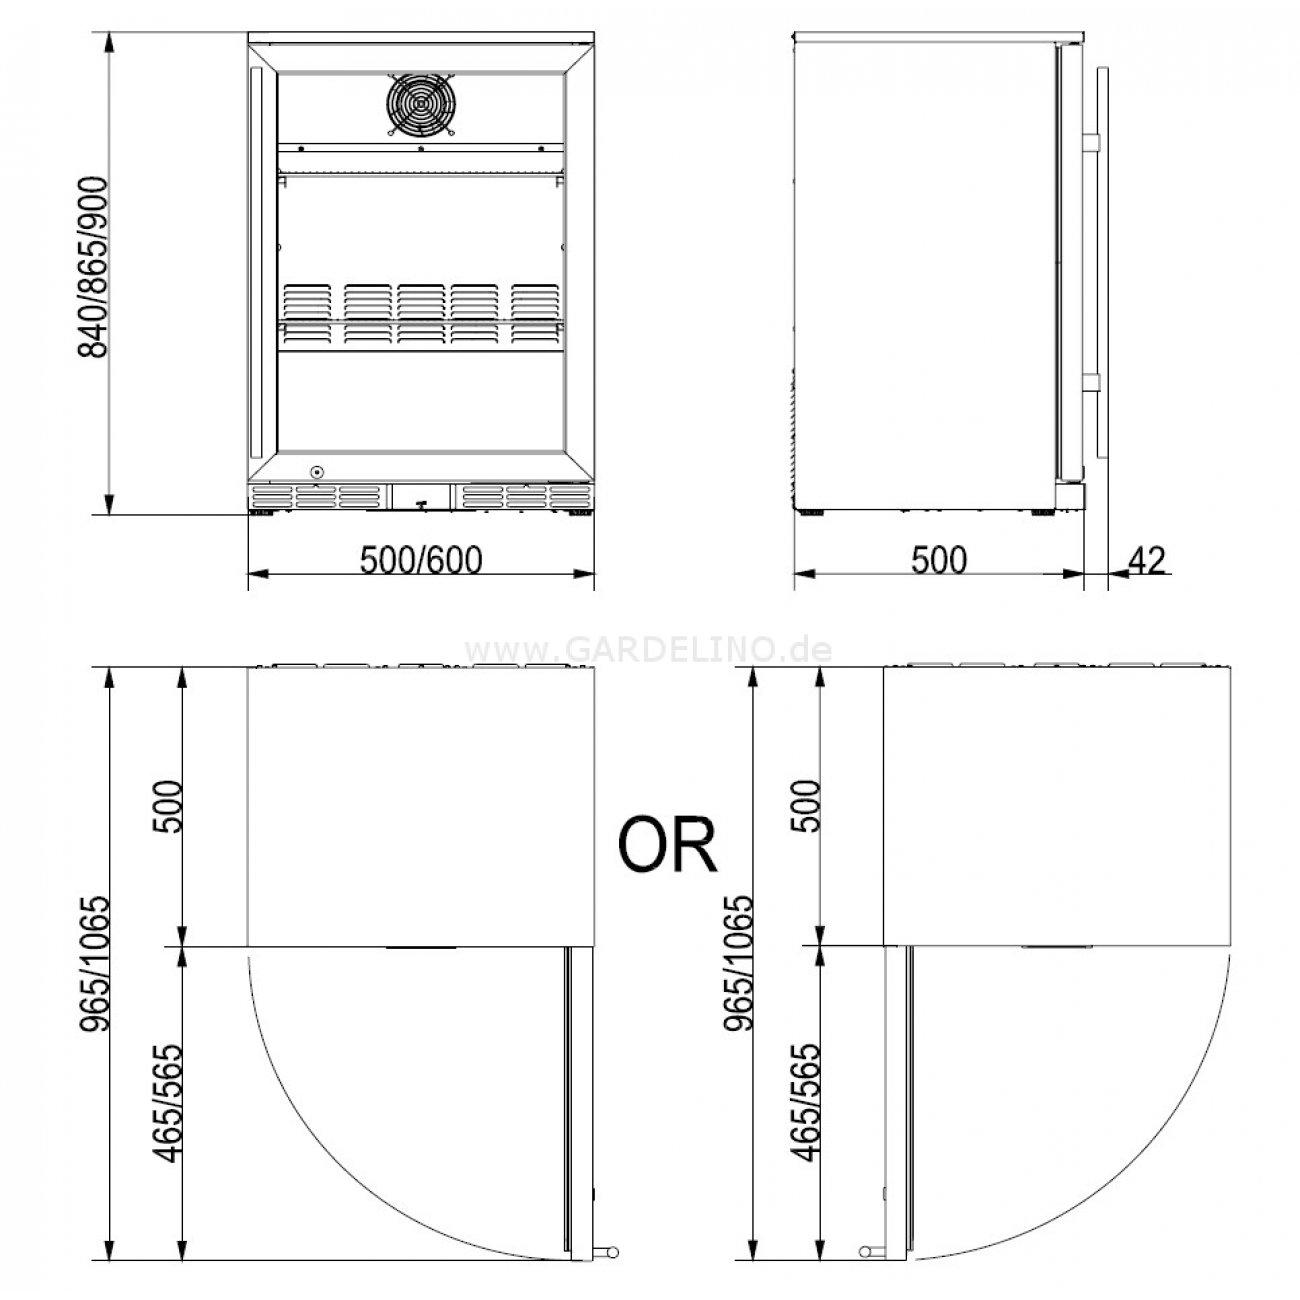 gro ma e einbauk hlschrank zeitgen ssisch die besten wohnideen. Black Bedroom Furniture Sets. Home Design Ideas